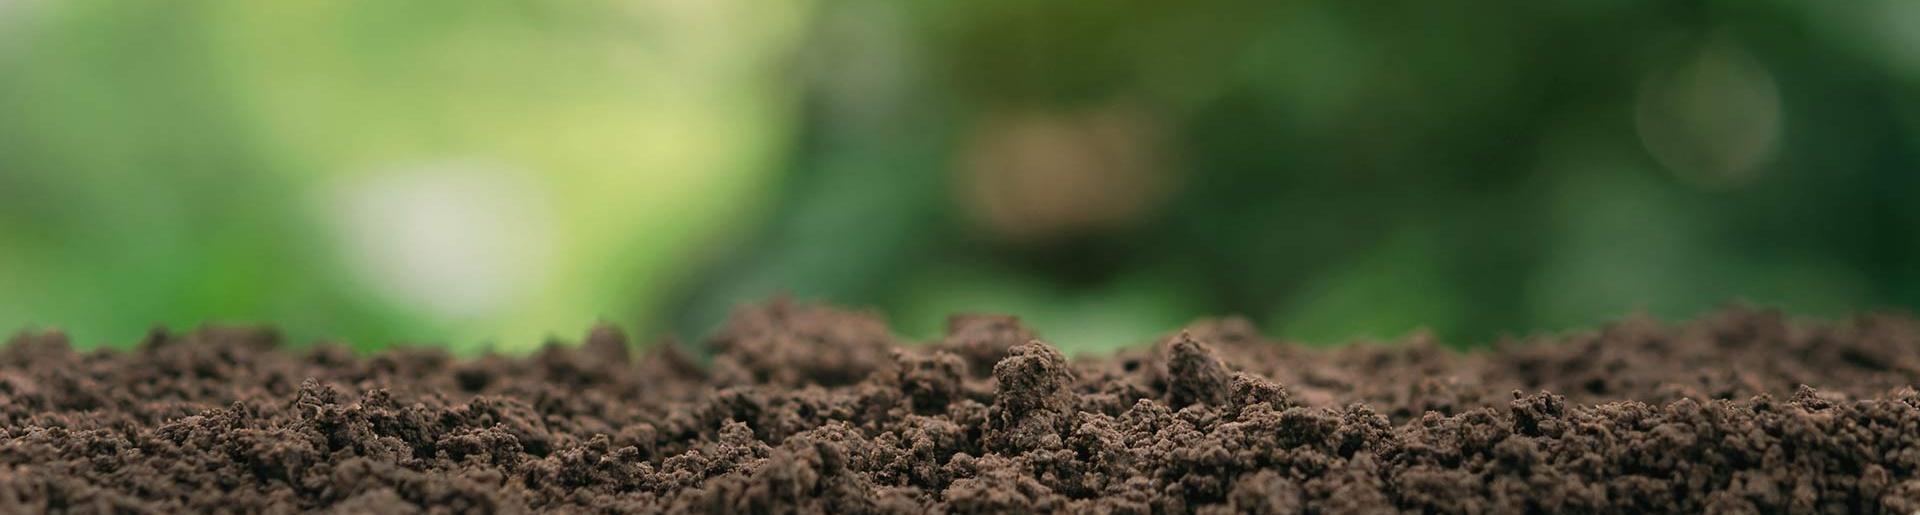 Desinfección del terreno en viñedo 2019